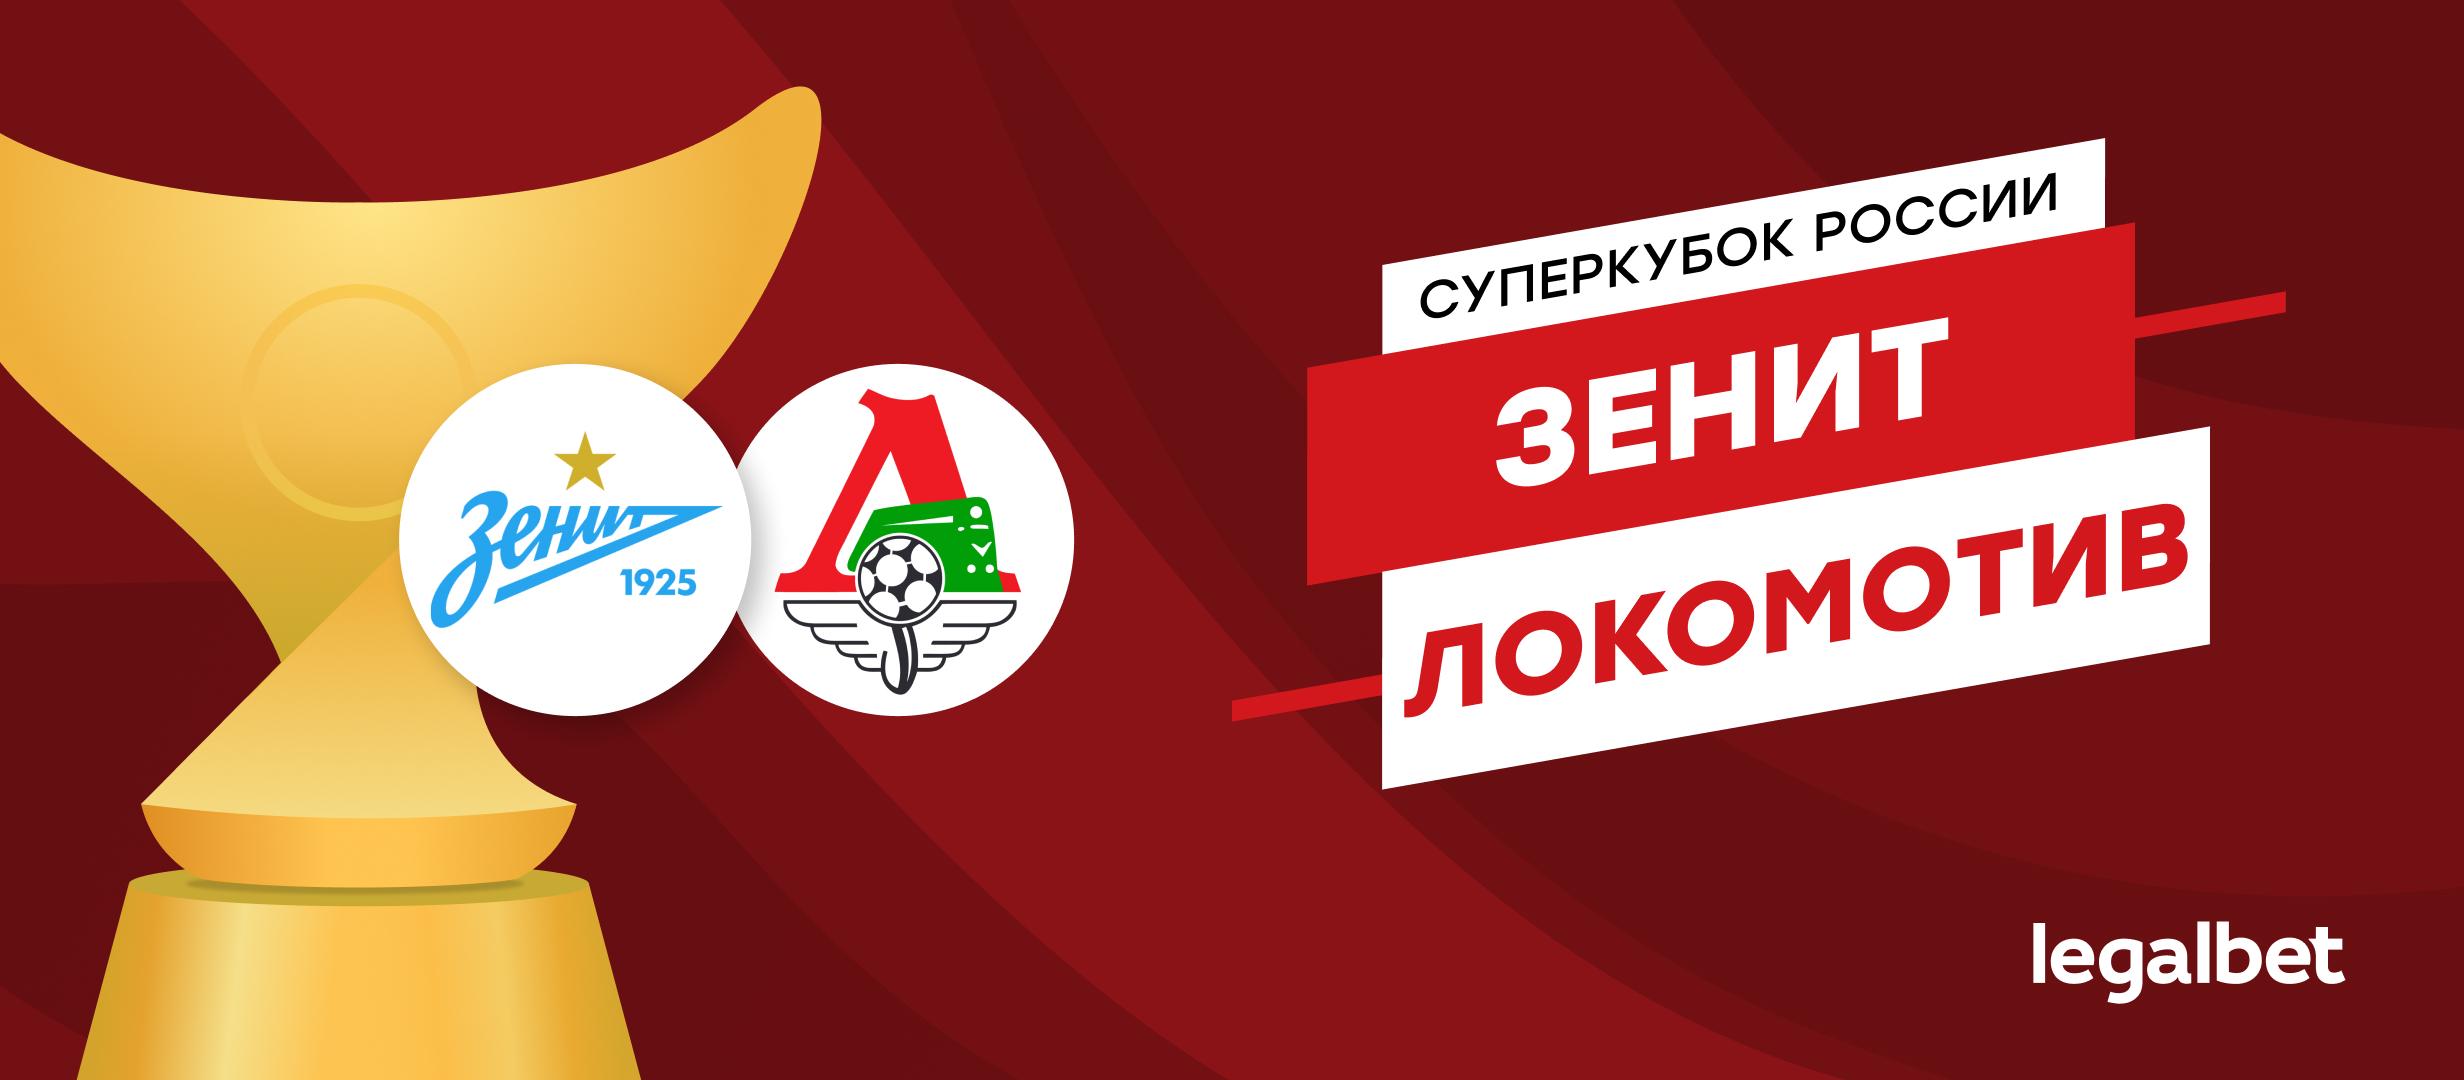 «Зенит» — «Локомотив»: ставки и коэффициенты на матч